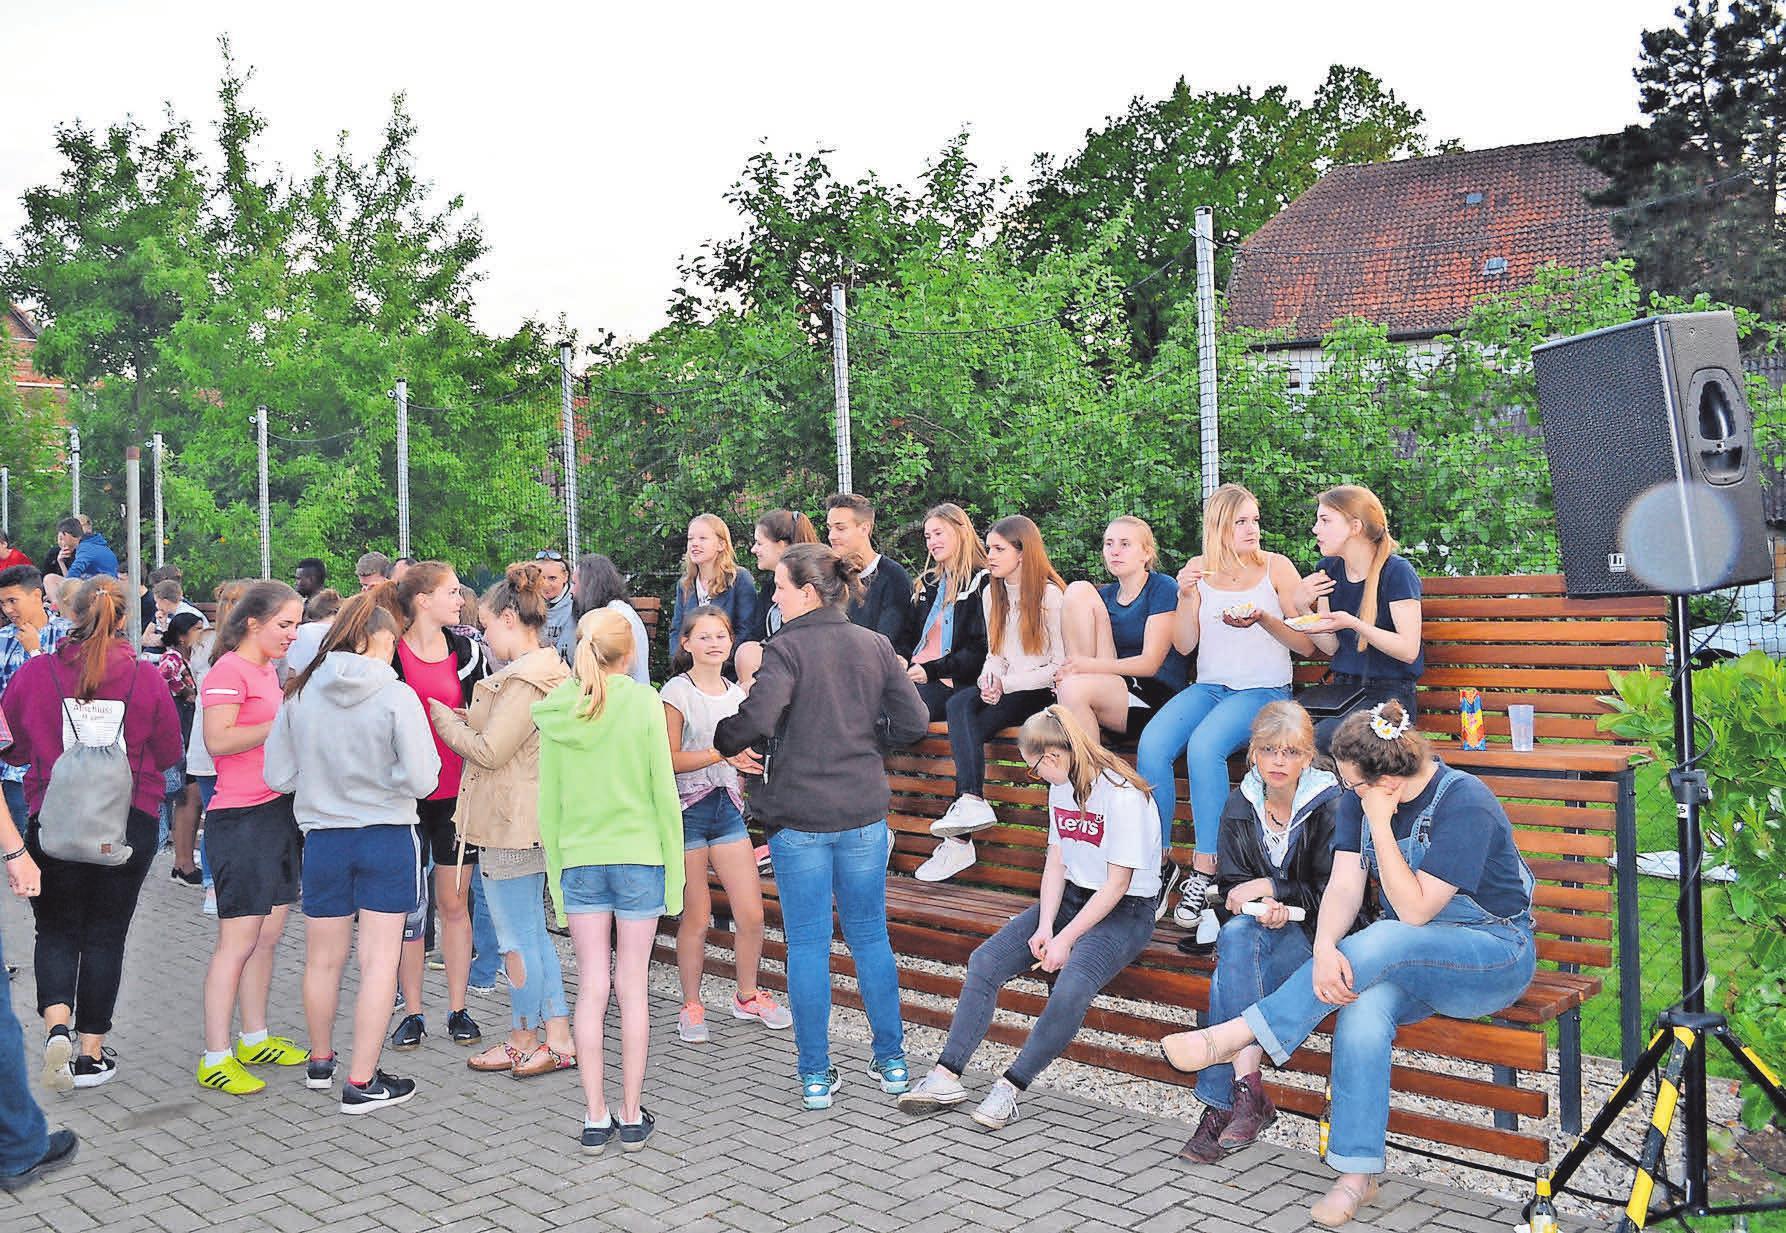 Chillen, Quatschen und Spaß haben ohne Drogen, Alkohol und Gewalt: Dafür steht die Arpker Youth Night.